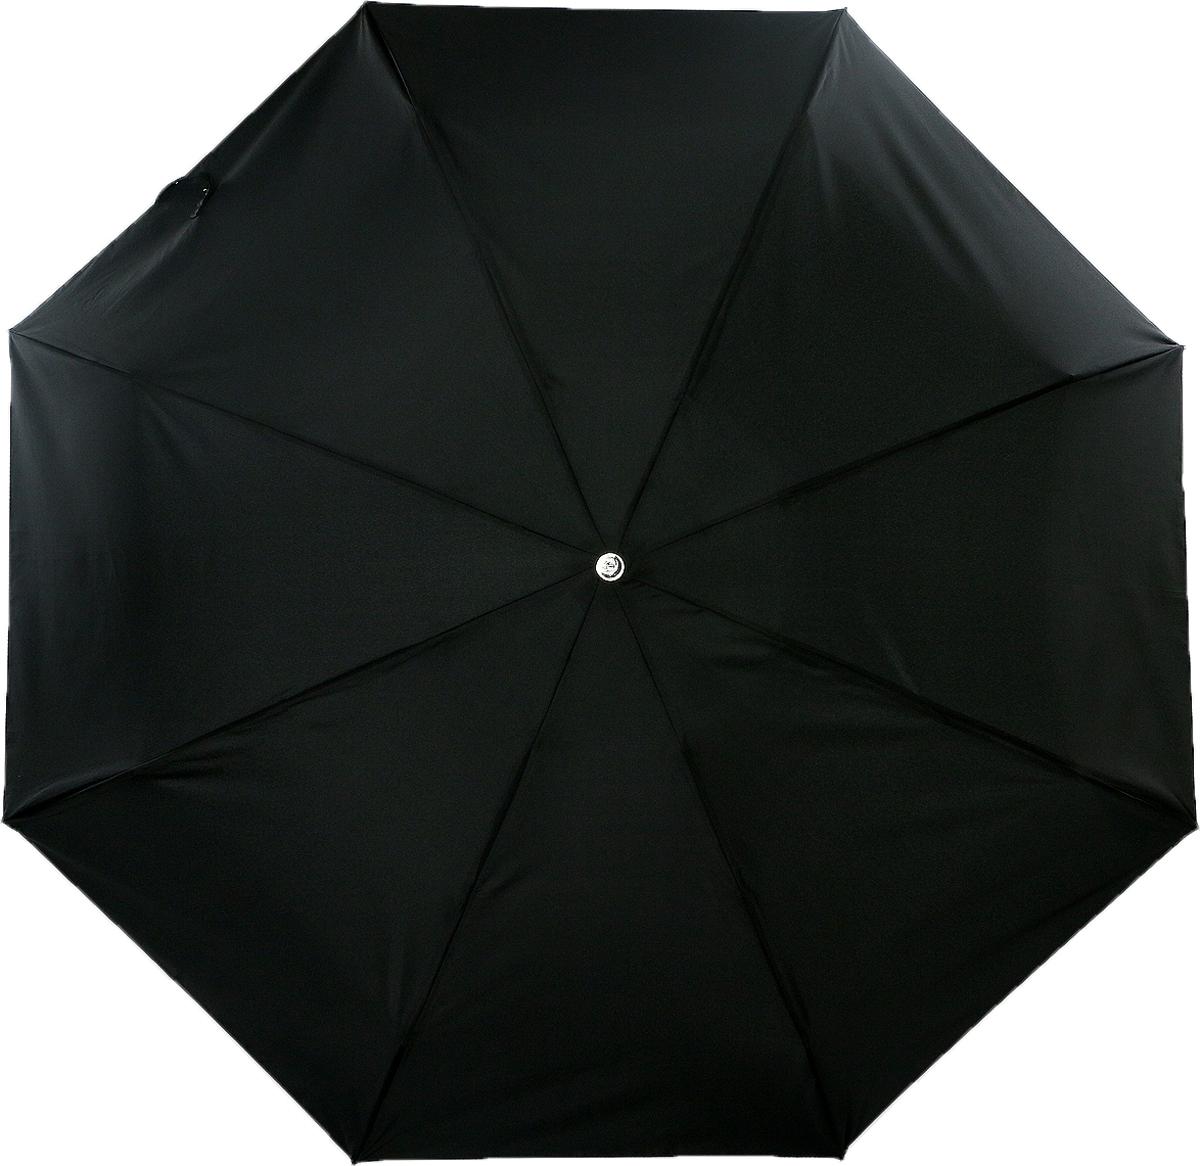 Зонт мужской Trust, автомат, 4 сложения, цвет: черный. 41420 цены